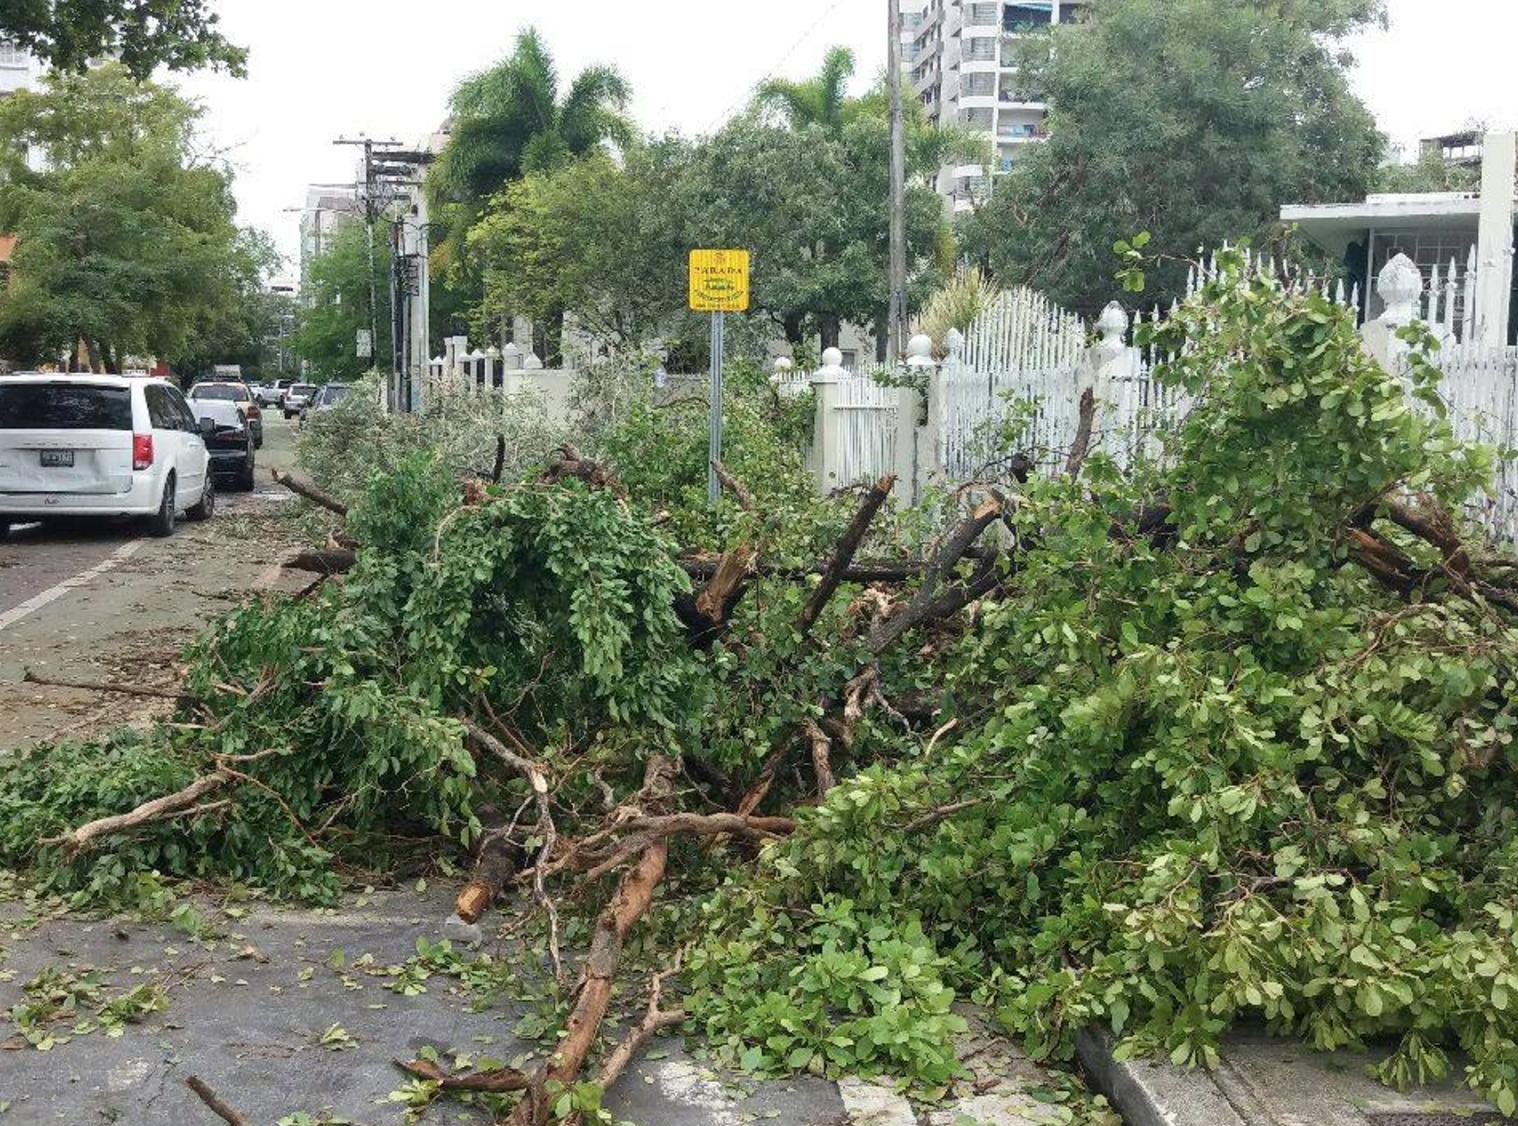 Hurricane Irma Causes Power Loss Across Puerto Rico Photo: Rachel Gikas, Condado